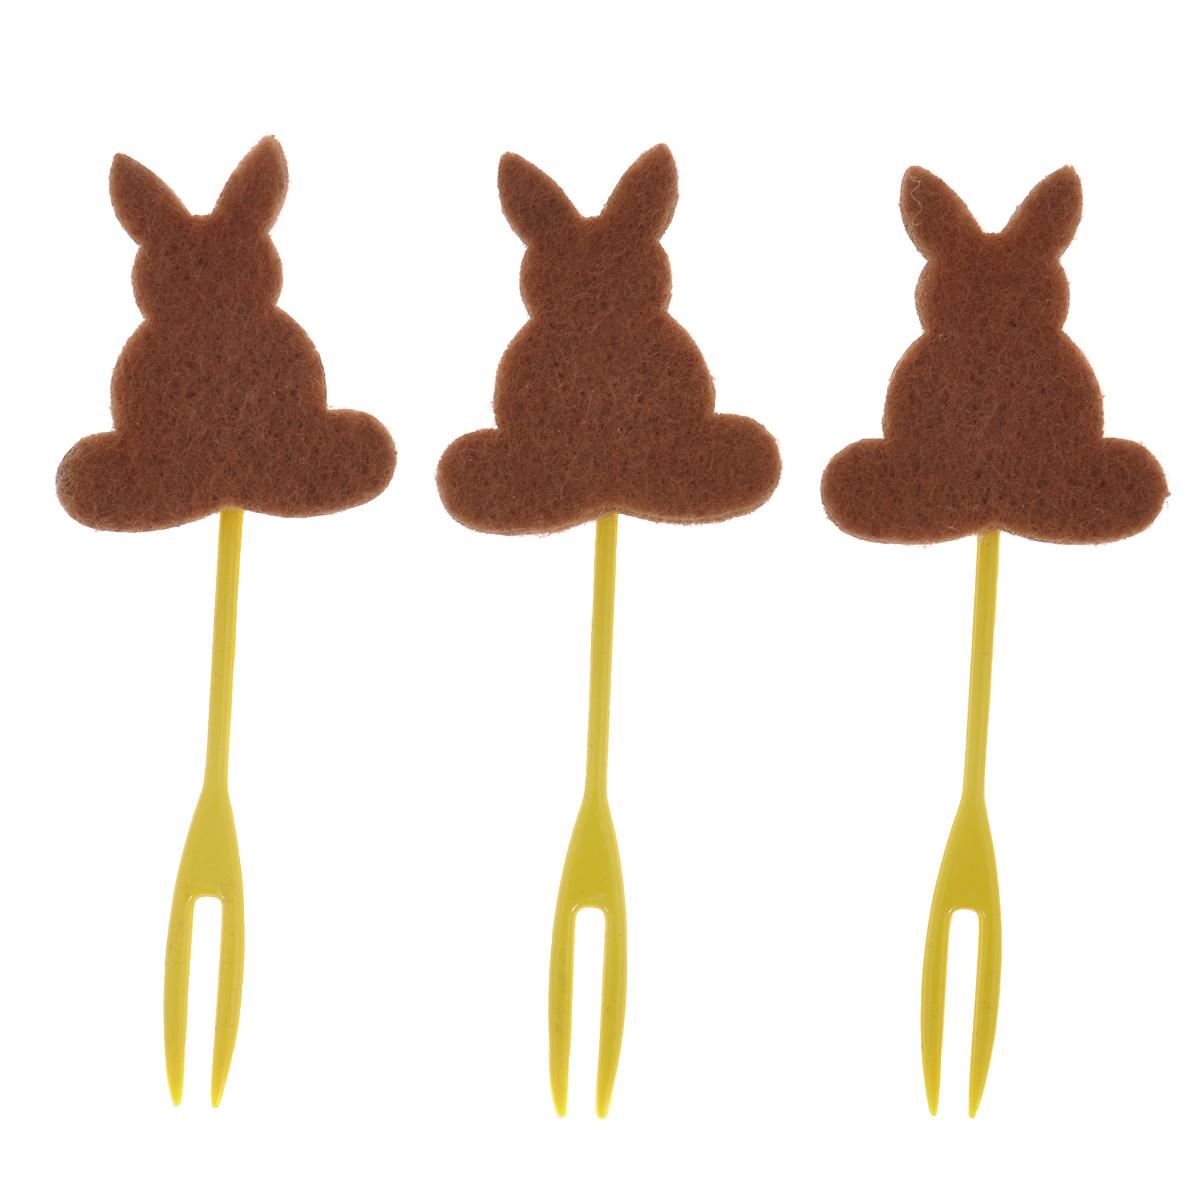 Набор декоративных вилочек Home Queen Кролик для украшения кулича, цвет: коричневый, длина 10 см, 3 шт60722коричневыйНабор Home Queen Кролик, изготовленный из пластика и фетра, состоит из трех декоративных вилочек, предназначенных для украшения пасхального кулича. Изделия декорированы фигурками кроликов. Такой набор прекрасно дополнит оформление праздничного стола на Пасху. Размер фигурки: 4 см х 4 см.